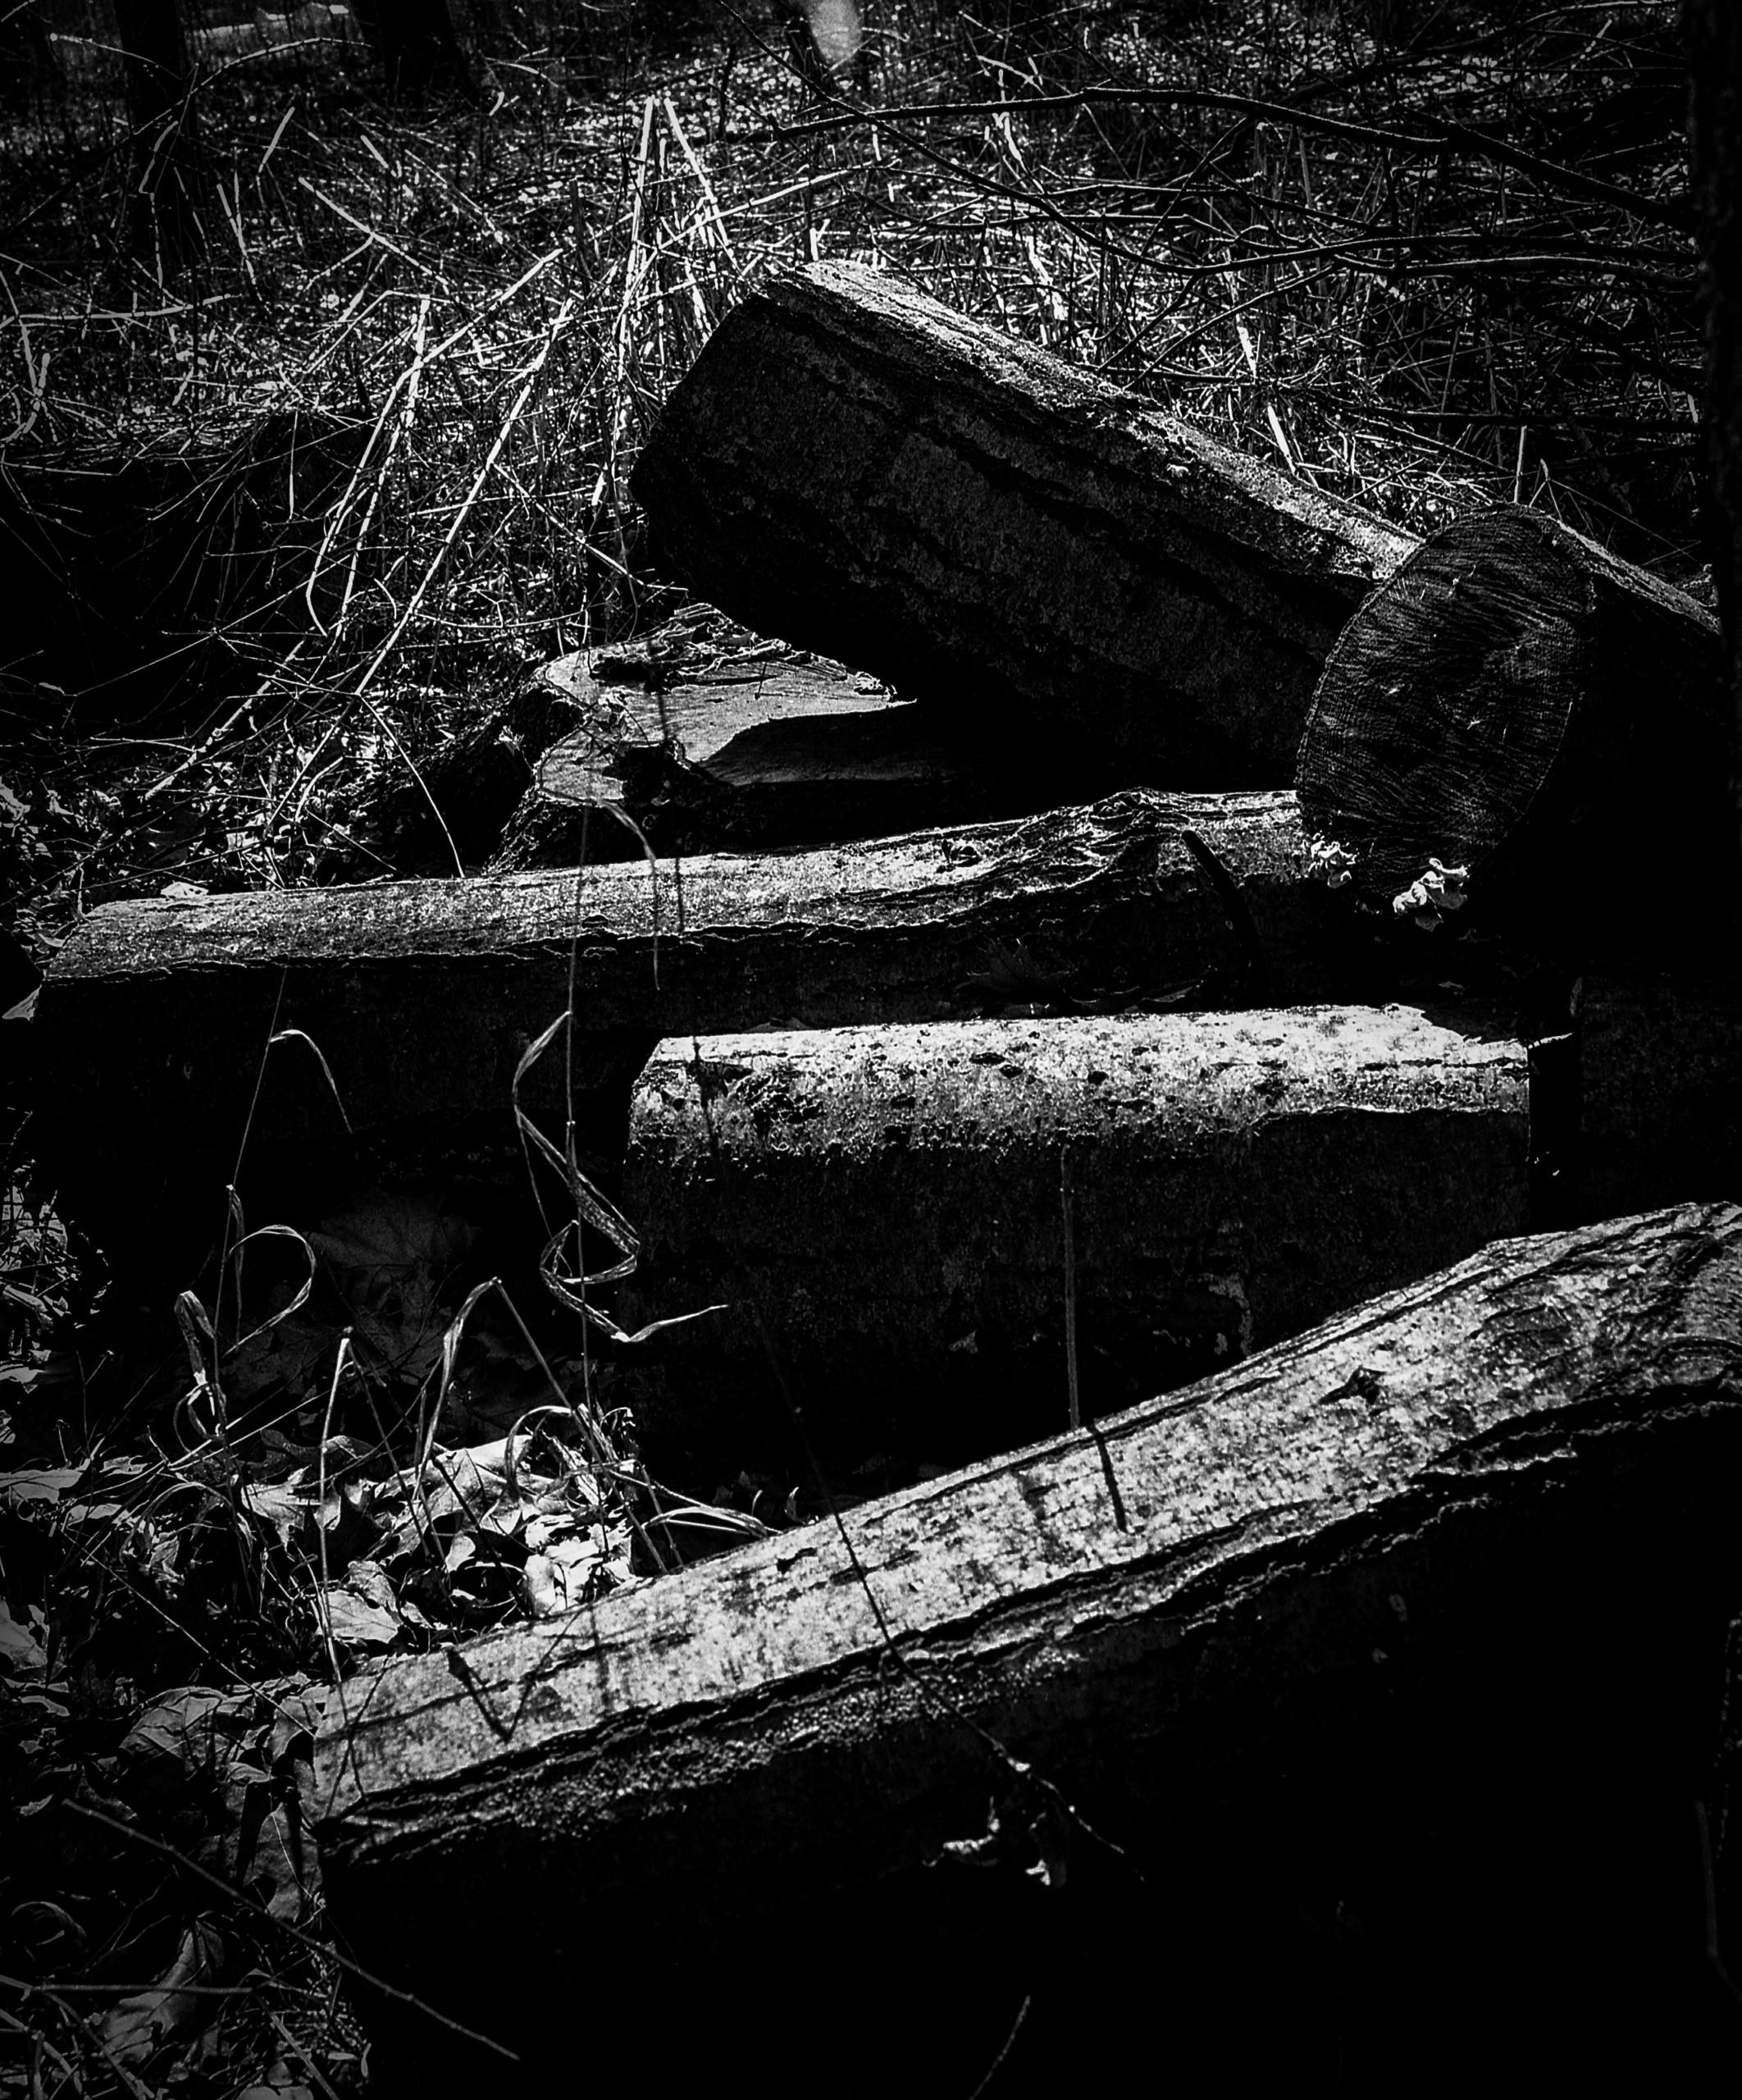 logs sun season growing long un - junwin | ello